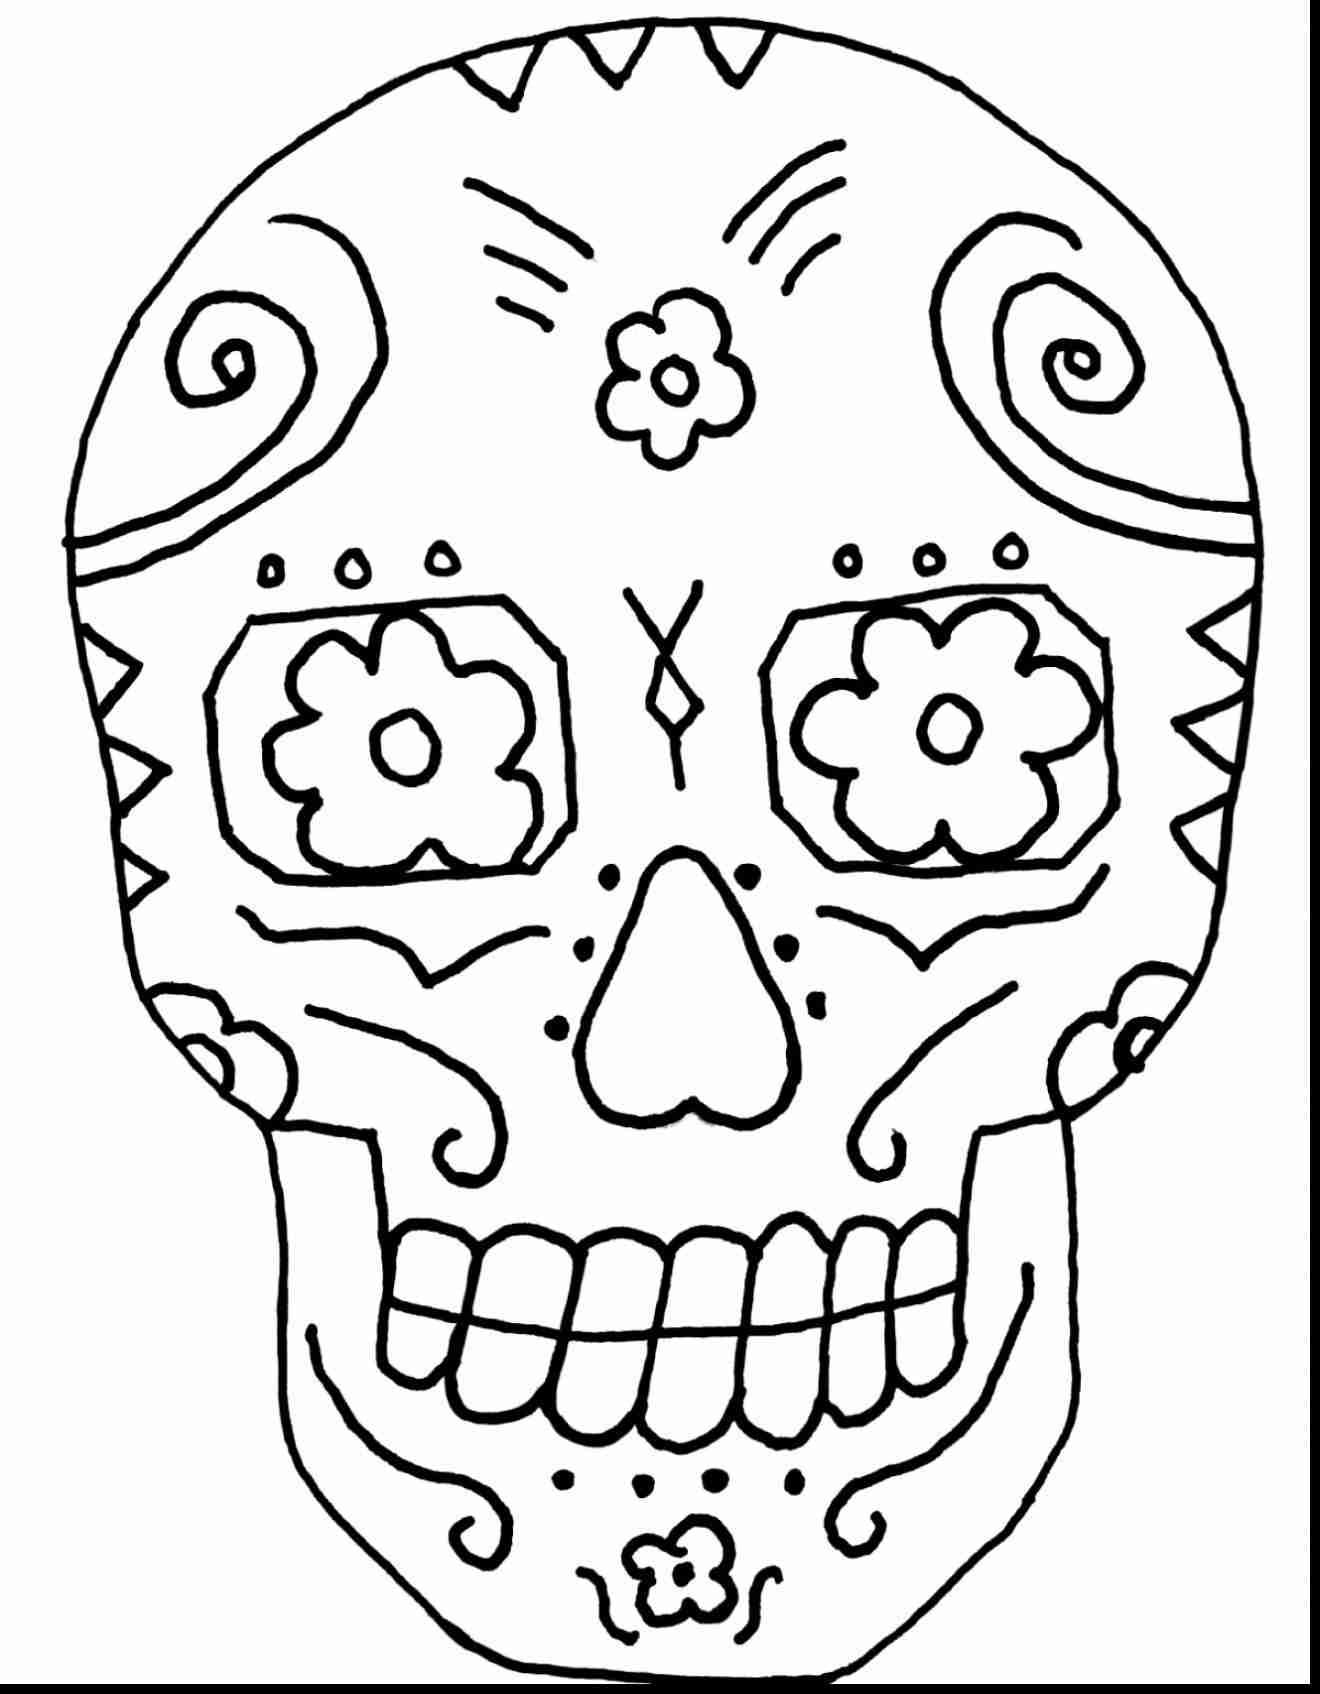 1320x1694 Day Of The Dead Mask Coloring Page Beauteous Dia De Los Muertos